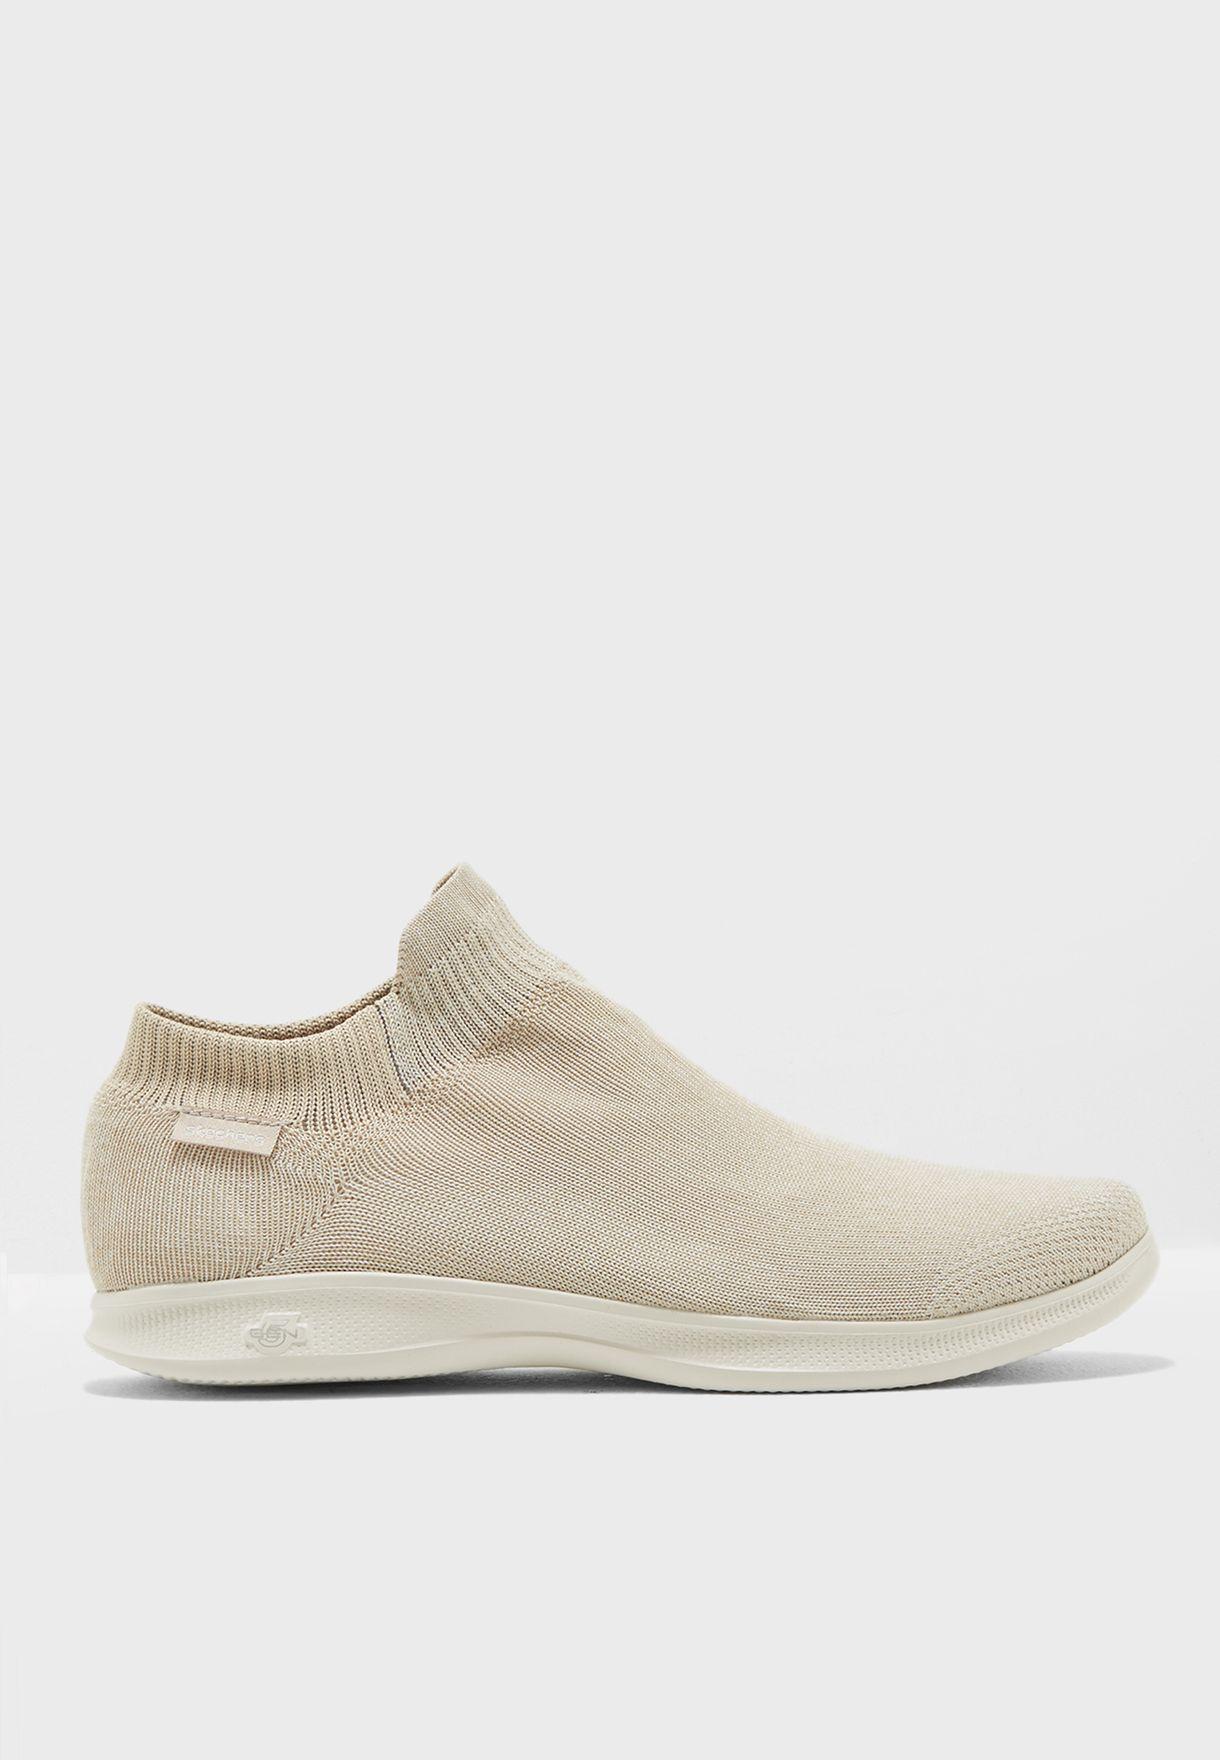 Skechers beige Go Step Lite - Ultrasock